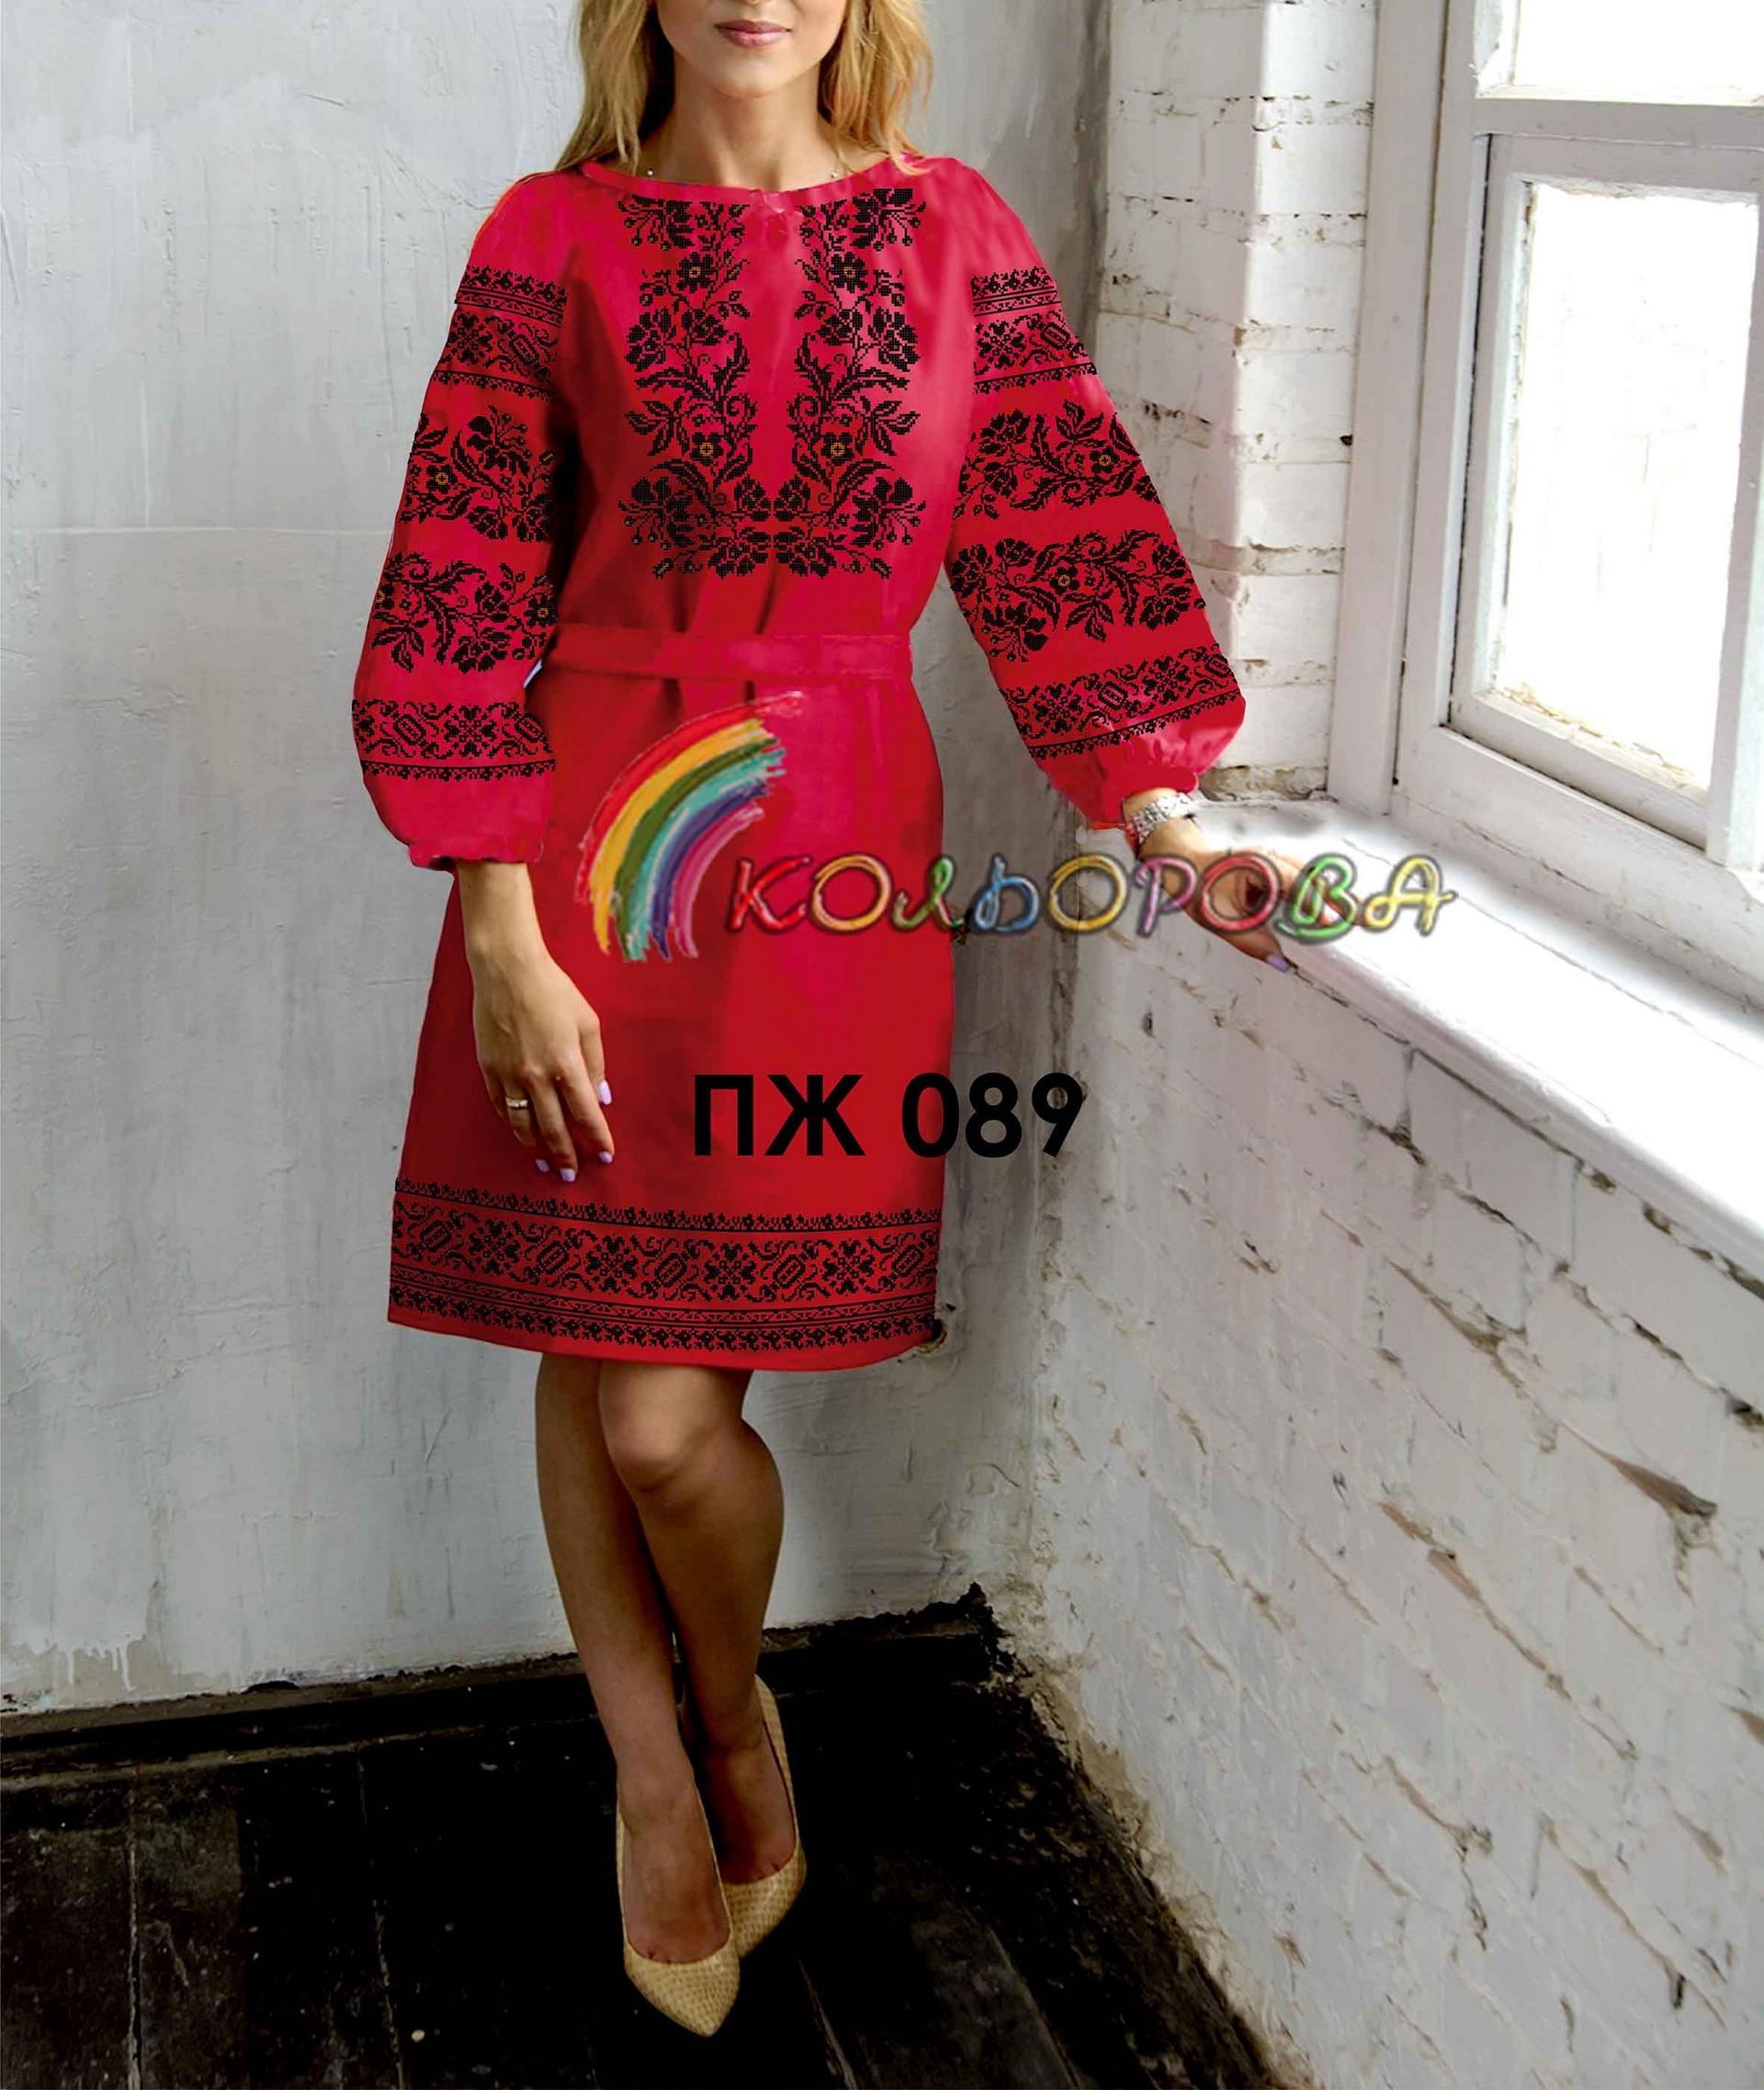 Заготовка плаття під вишивку бісером або хрестиком ПЖ-089 5bb9f127878ca